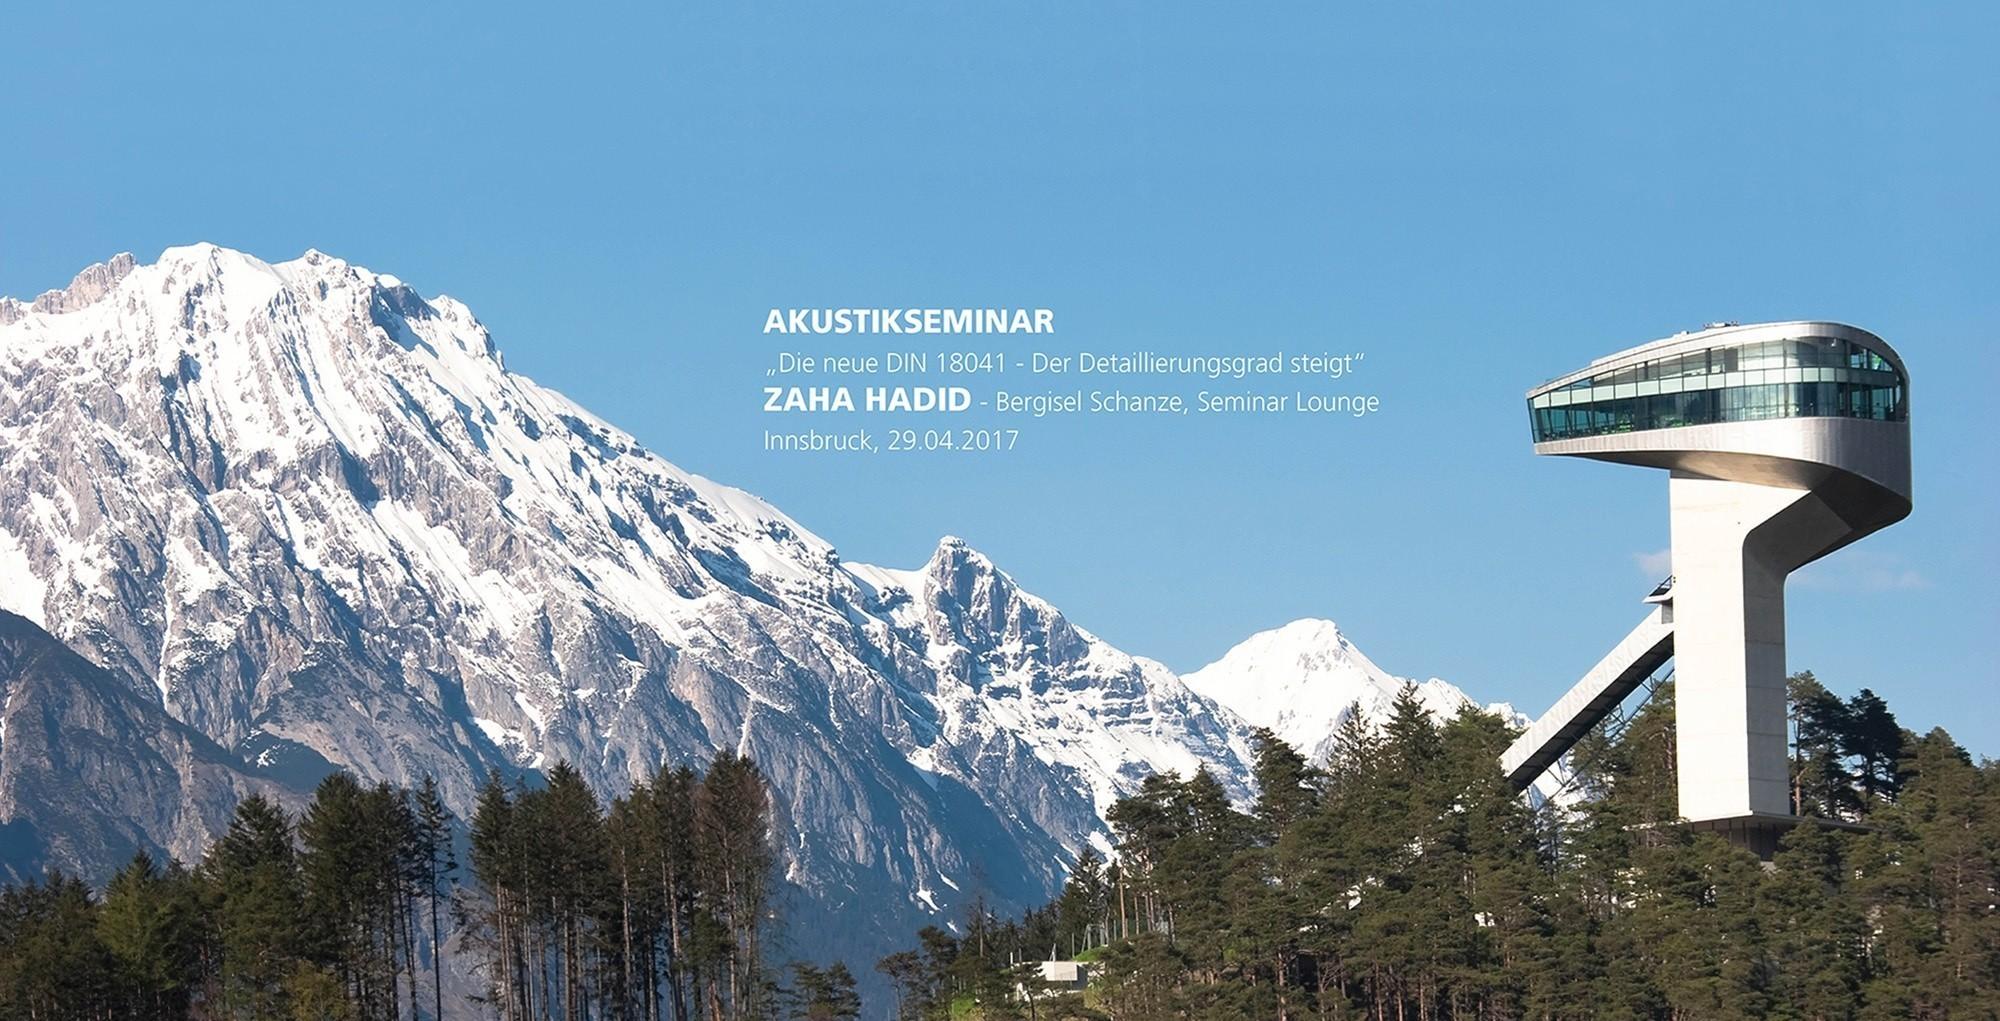 Akustikseminar Innsbruck, 29.04.2017 4